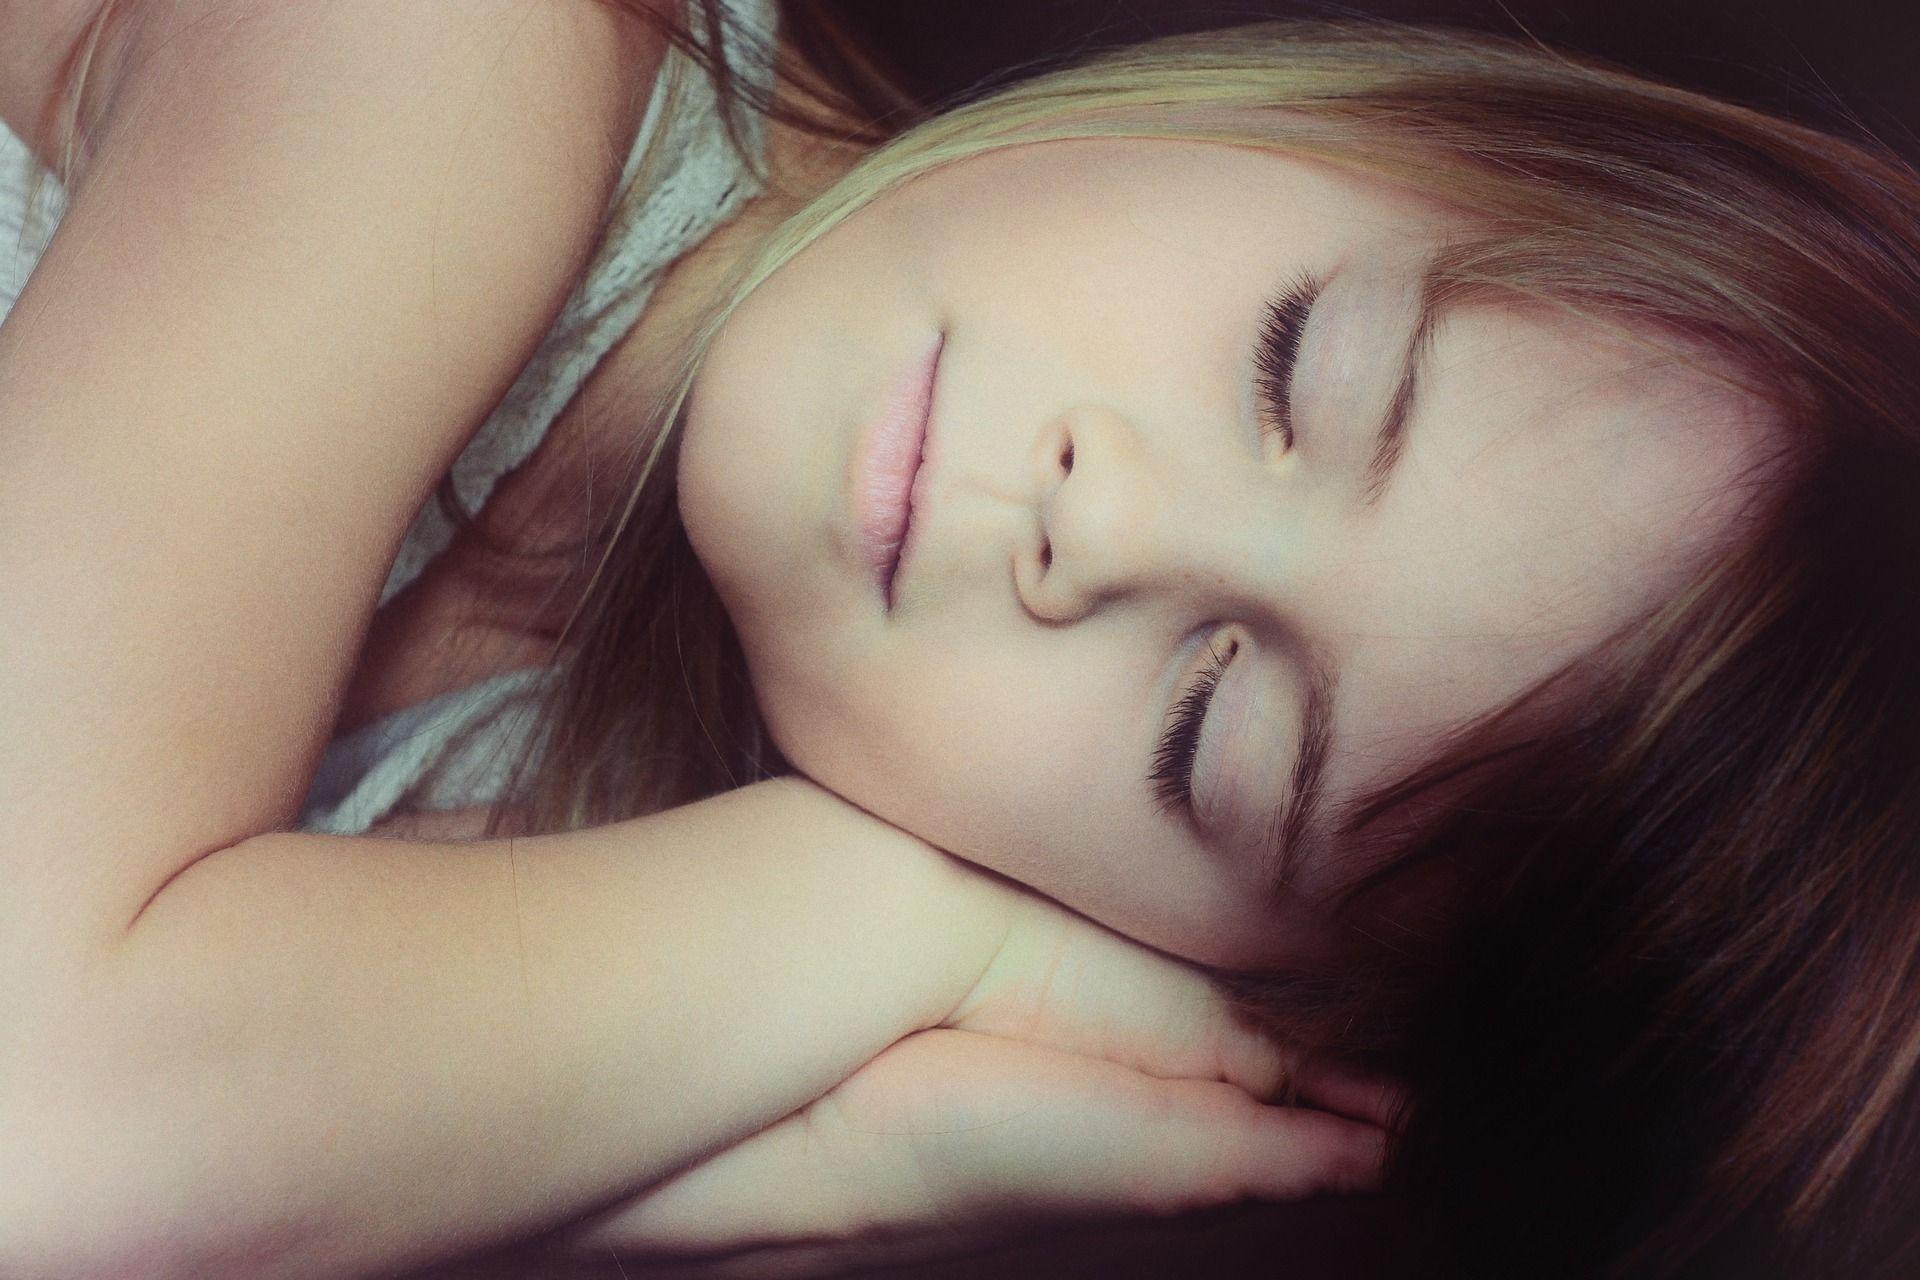 I 10 metodi insoliti per smettere di russare